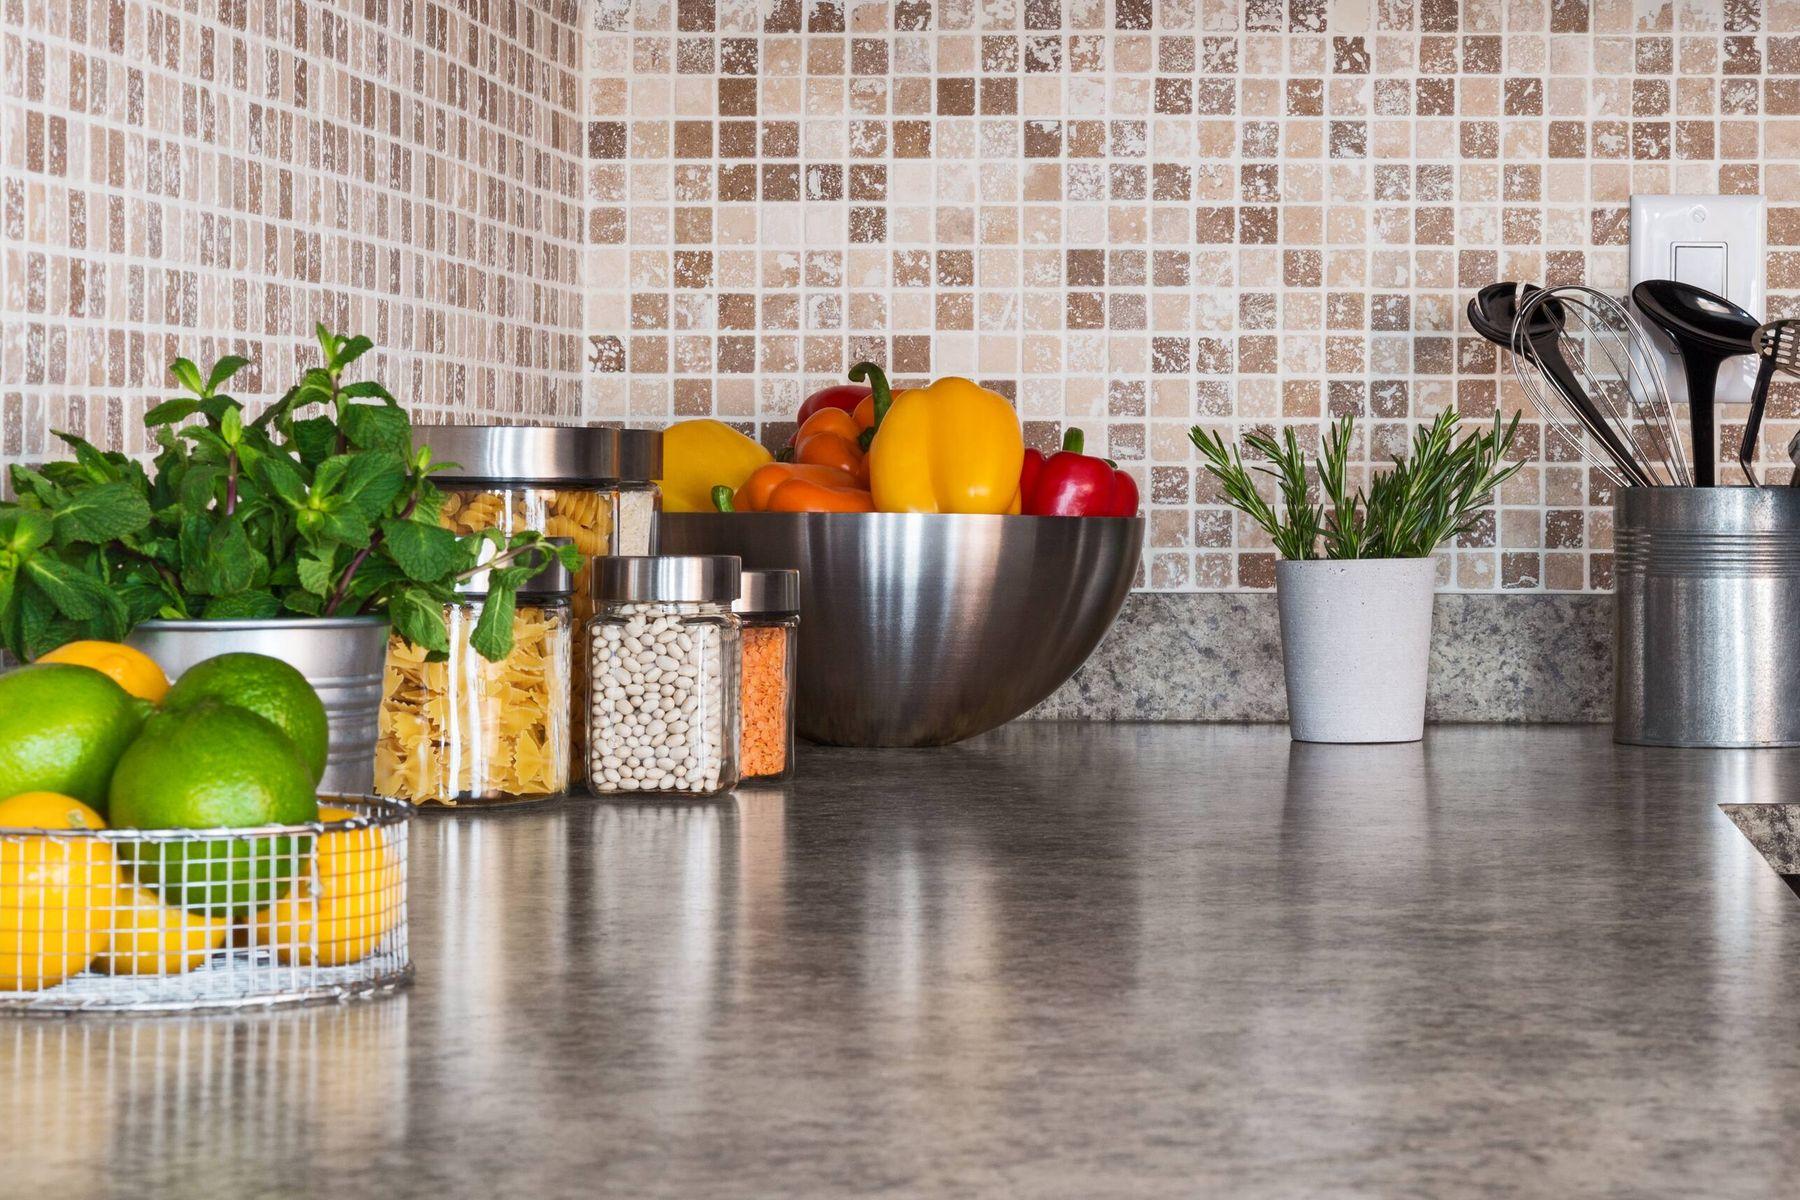 Bowls con frutas y verduras sobre una mesada de cocina